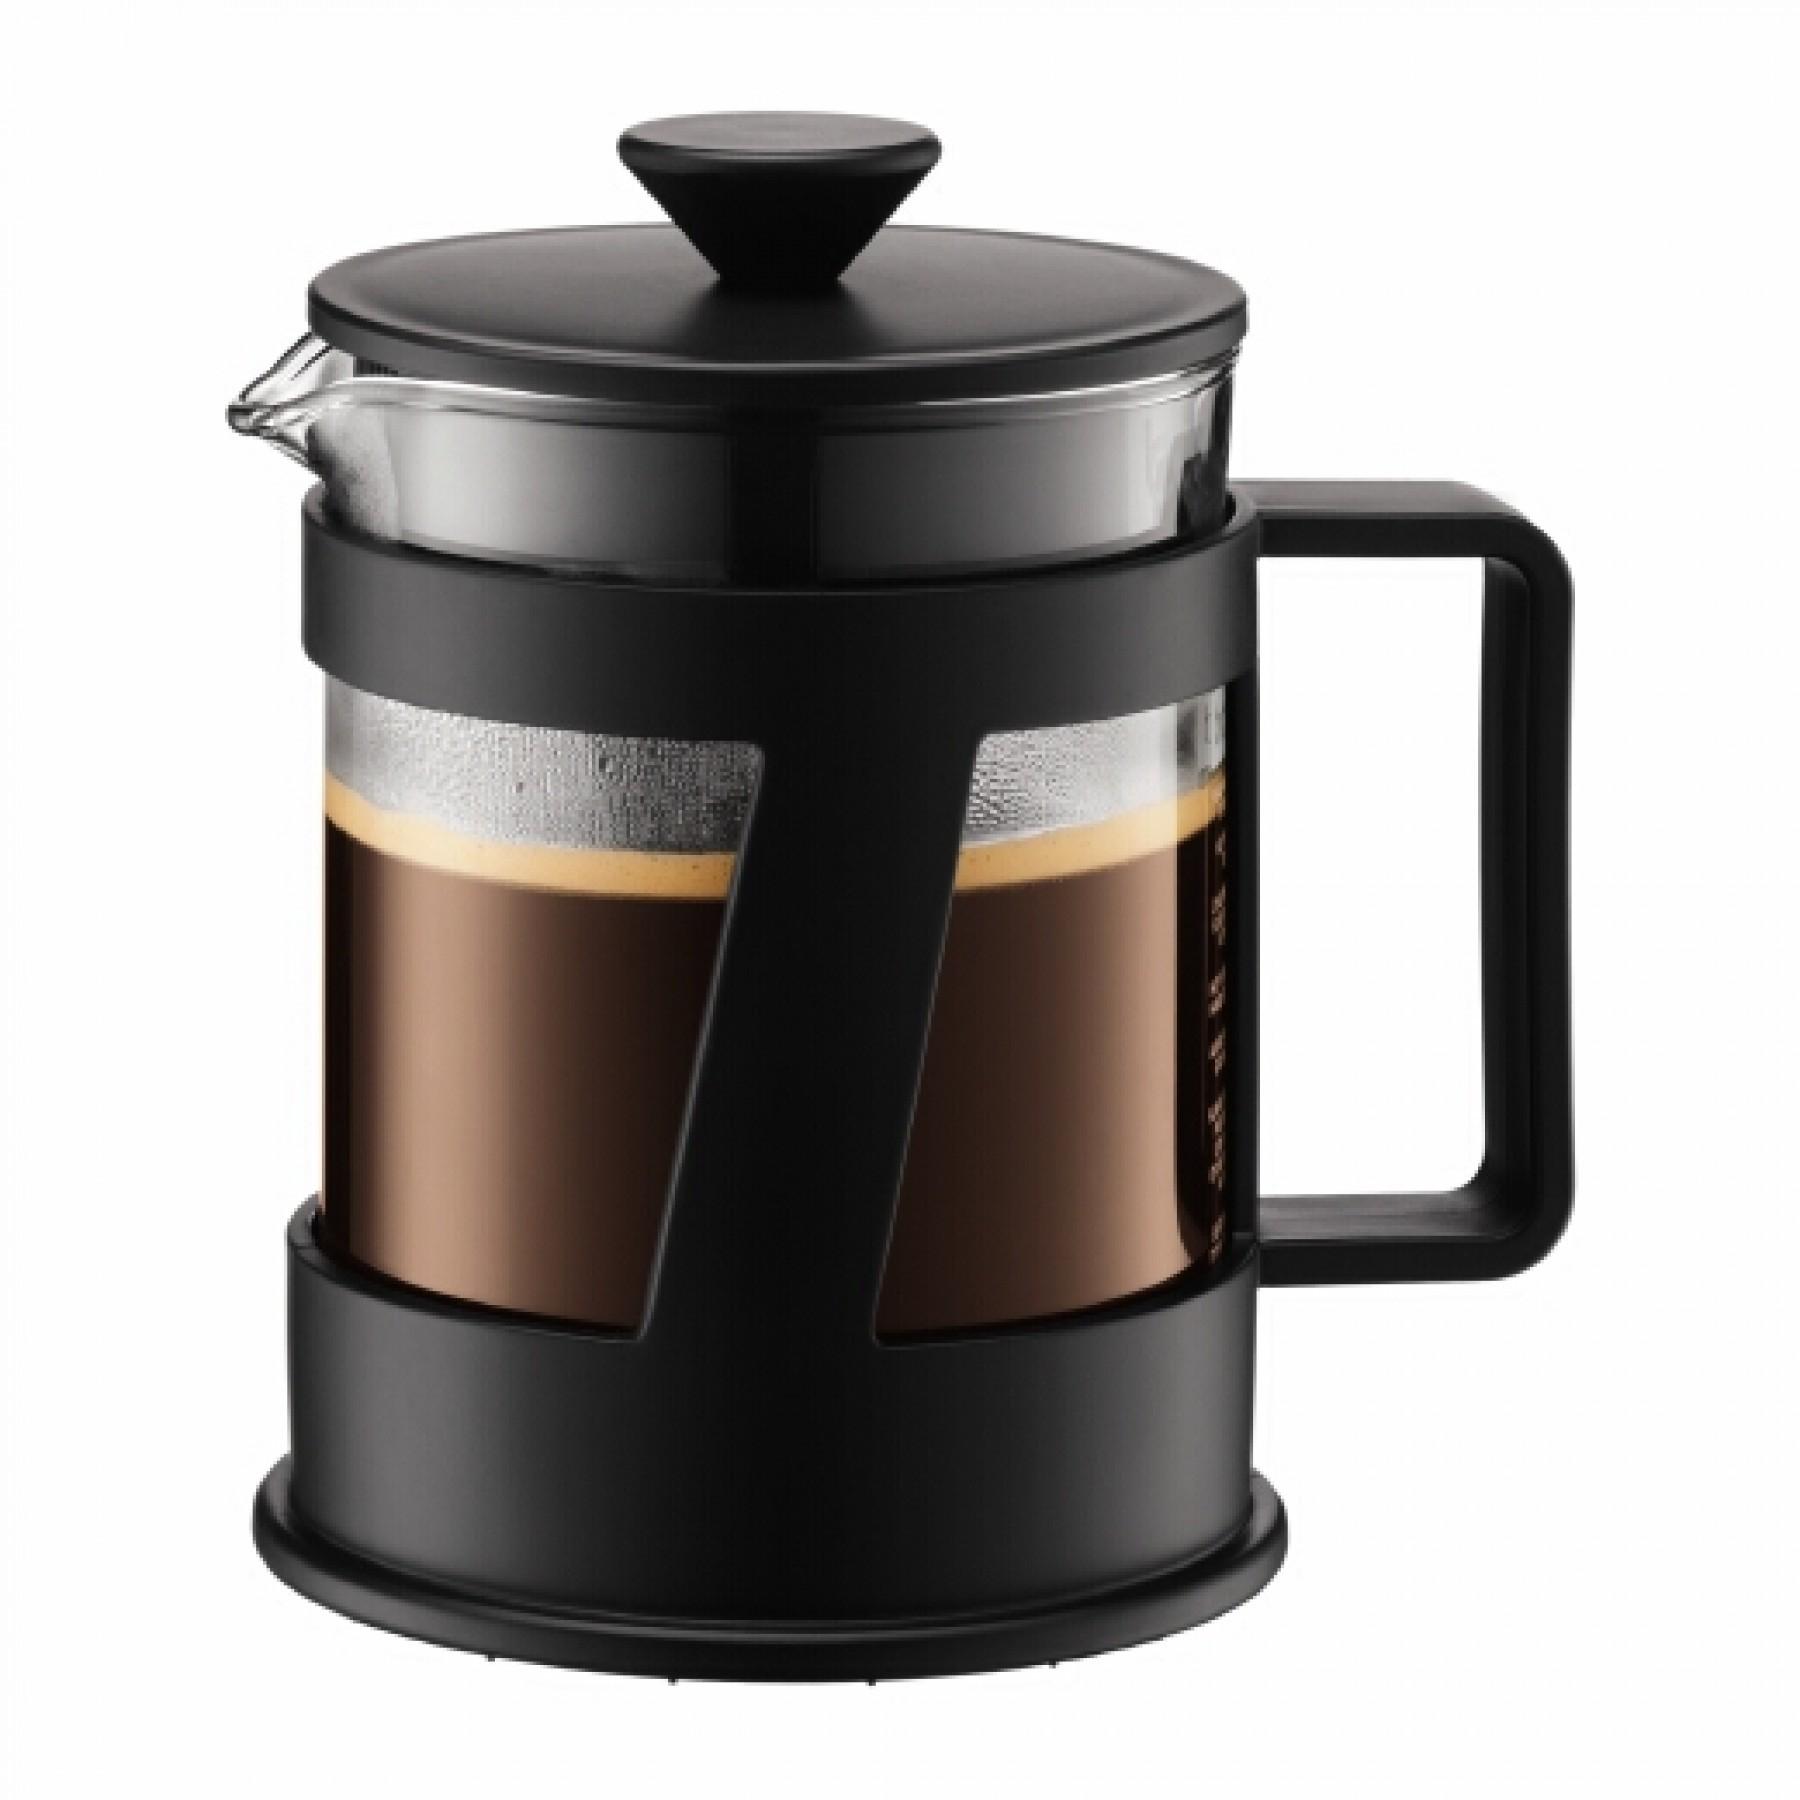 Καφετιέρα Γαλλικού Καφέ Bodum 0,5lit Crema home   ειδη cafe τσαϊ   καφετιέρες